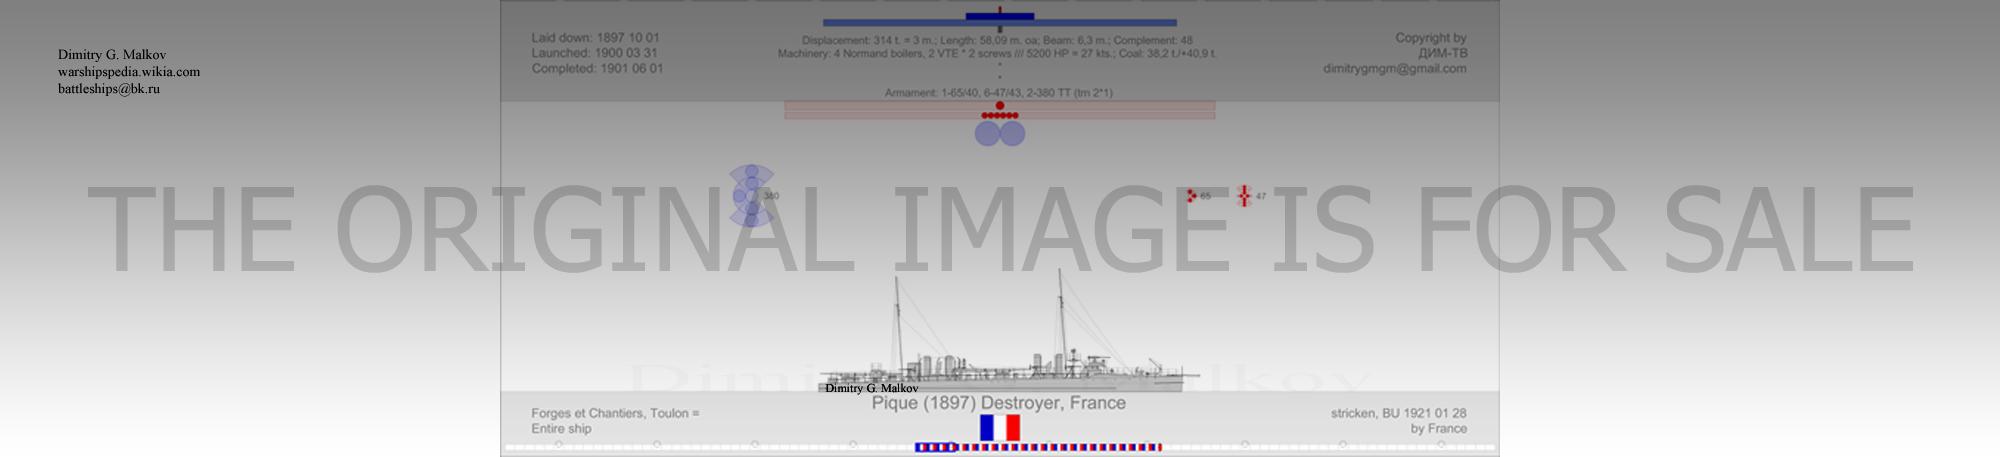 Mes dessins des navires francais - Page 9 Dd-18916